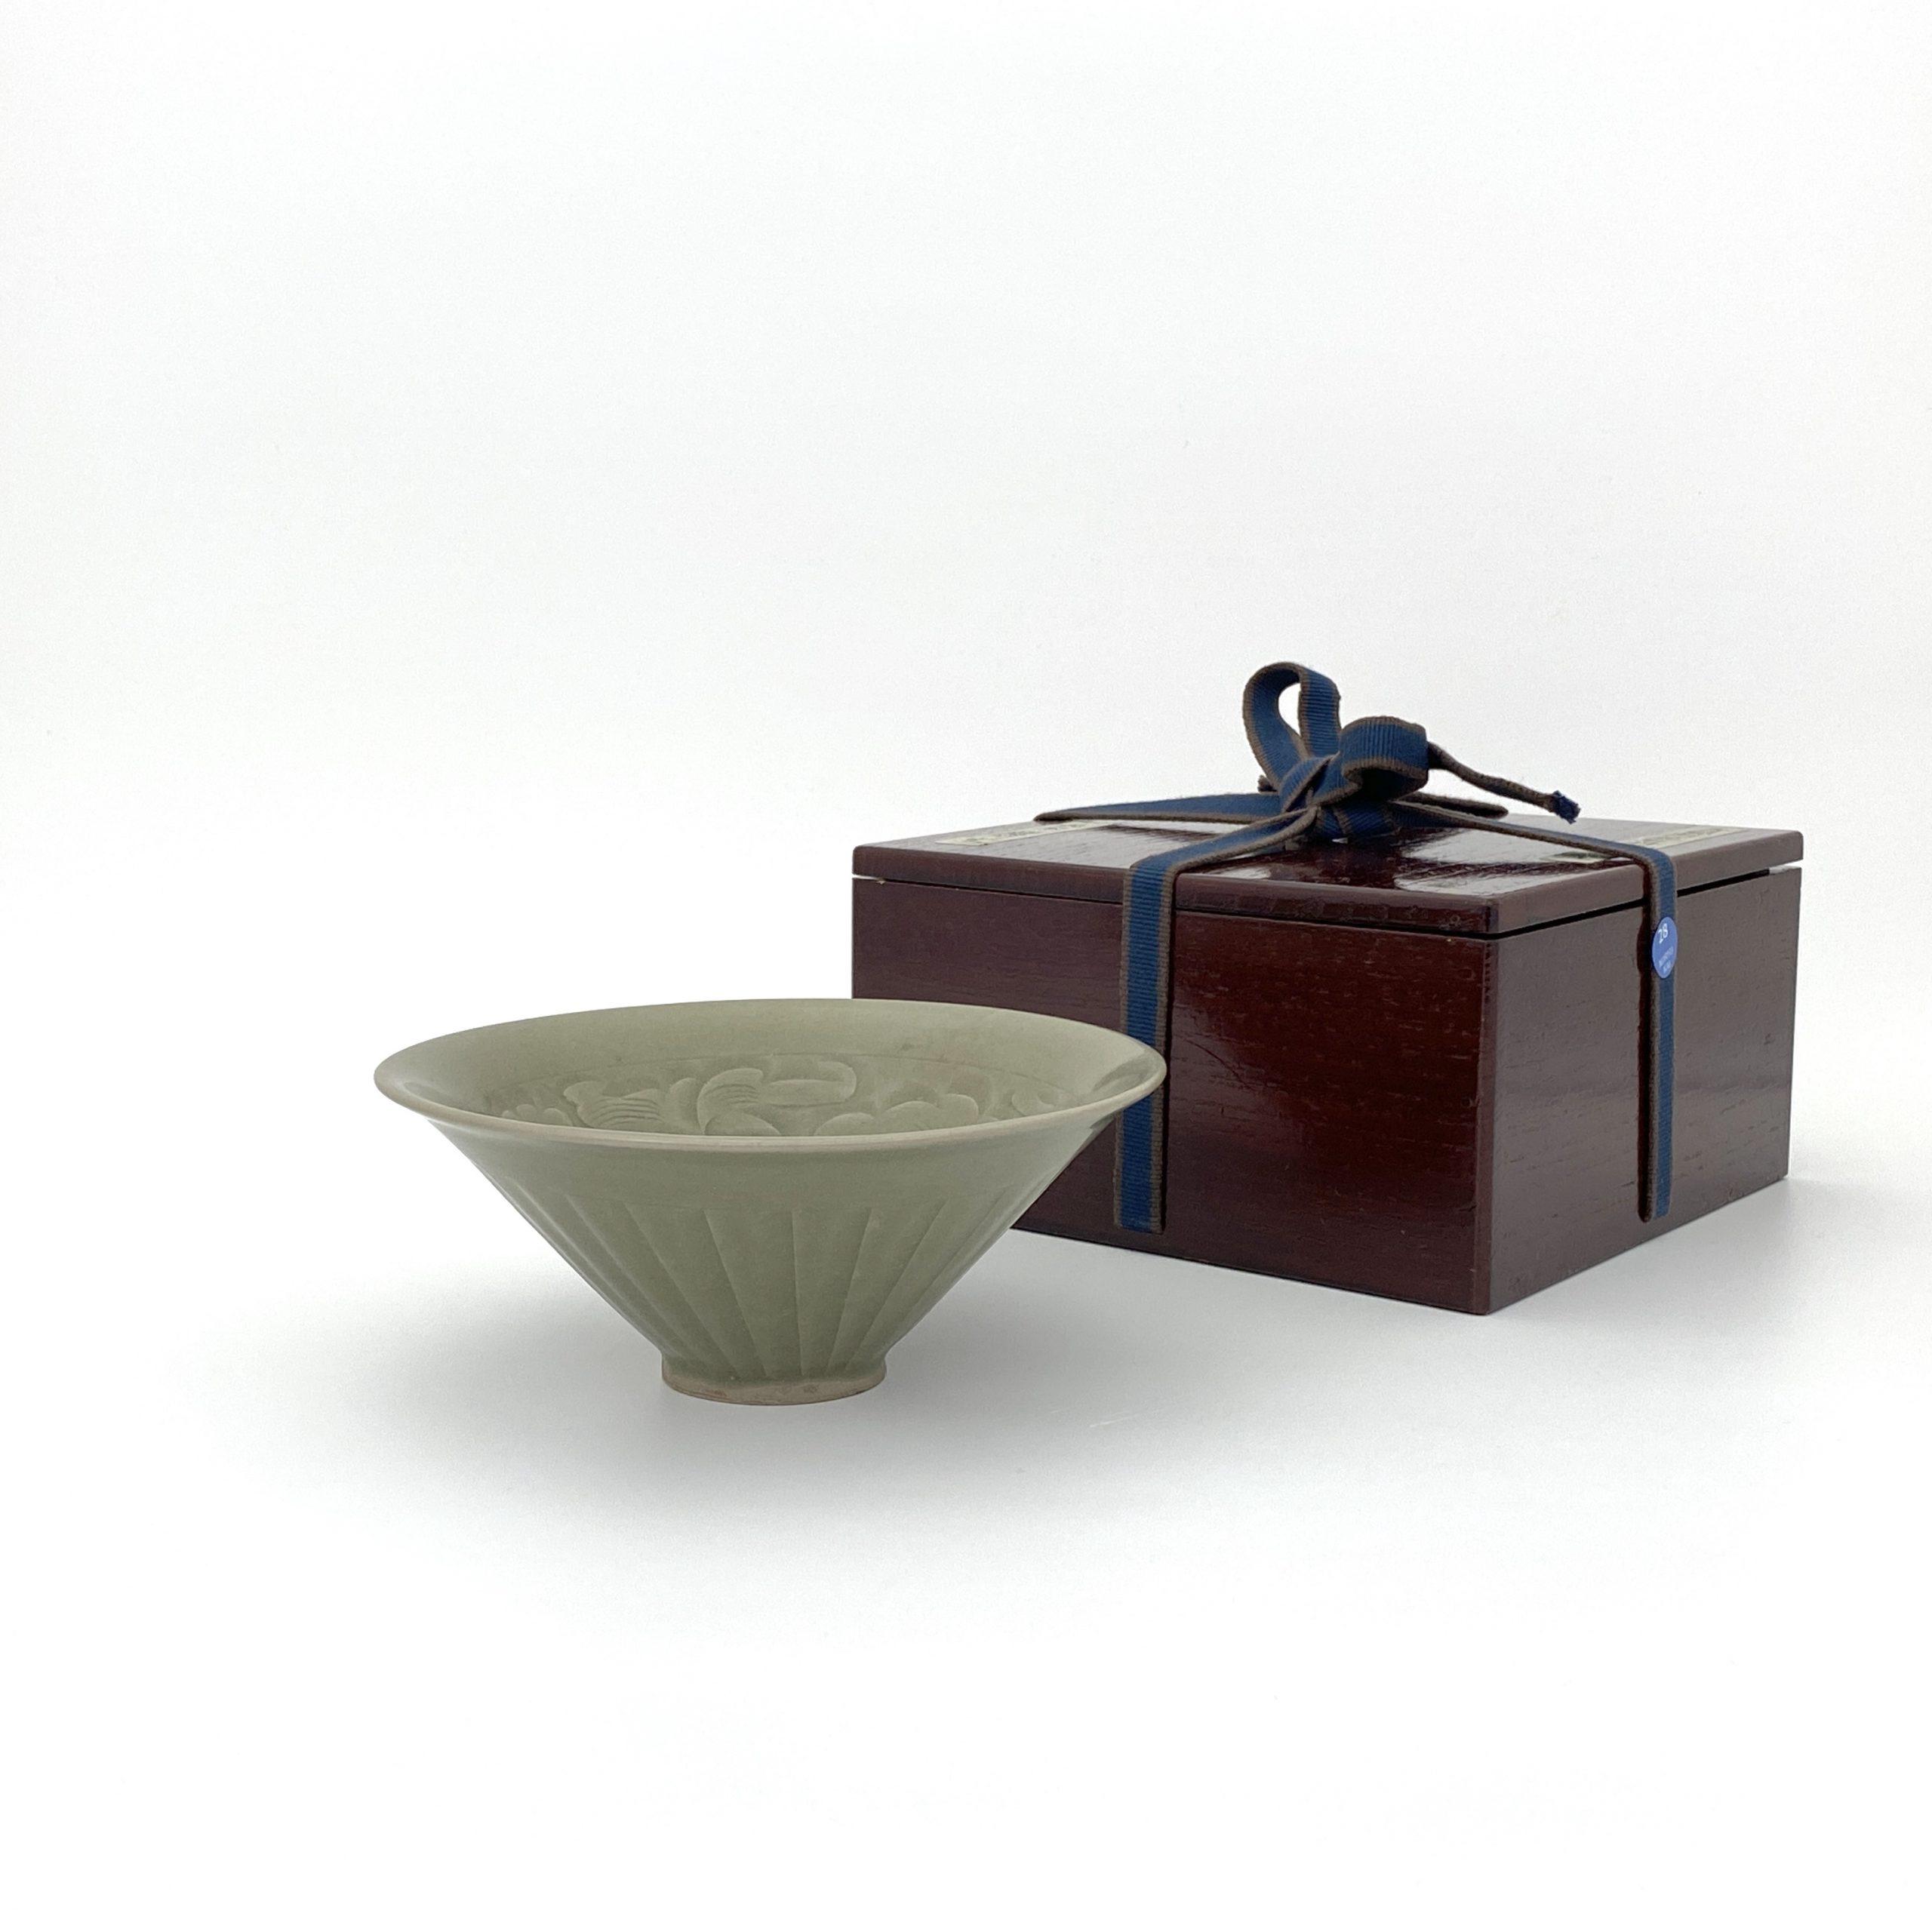 30028耀州窯 刻花紋 碗